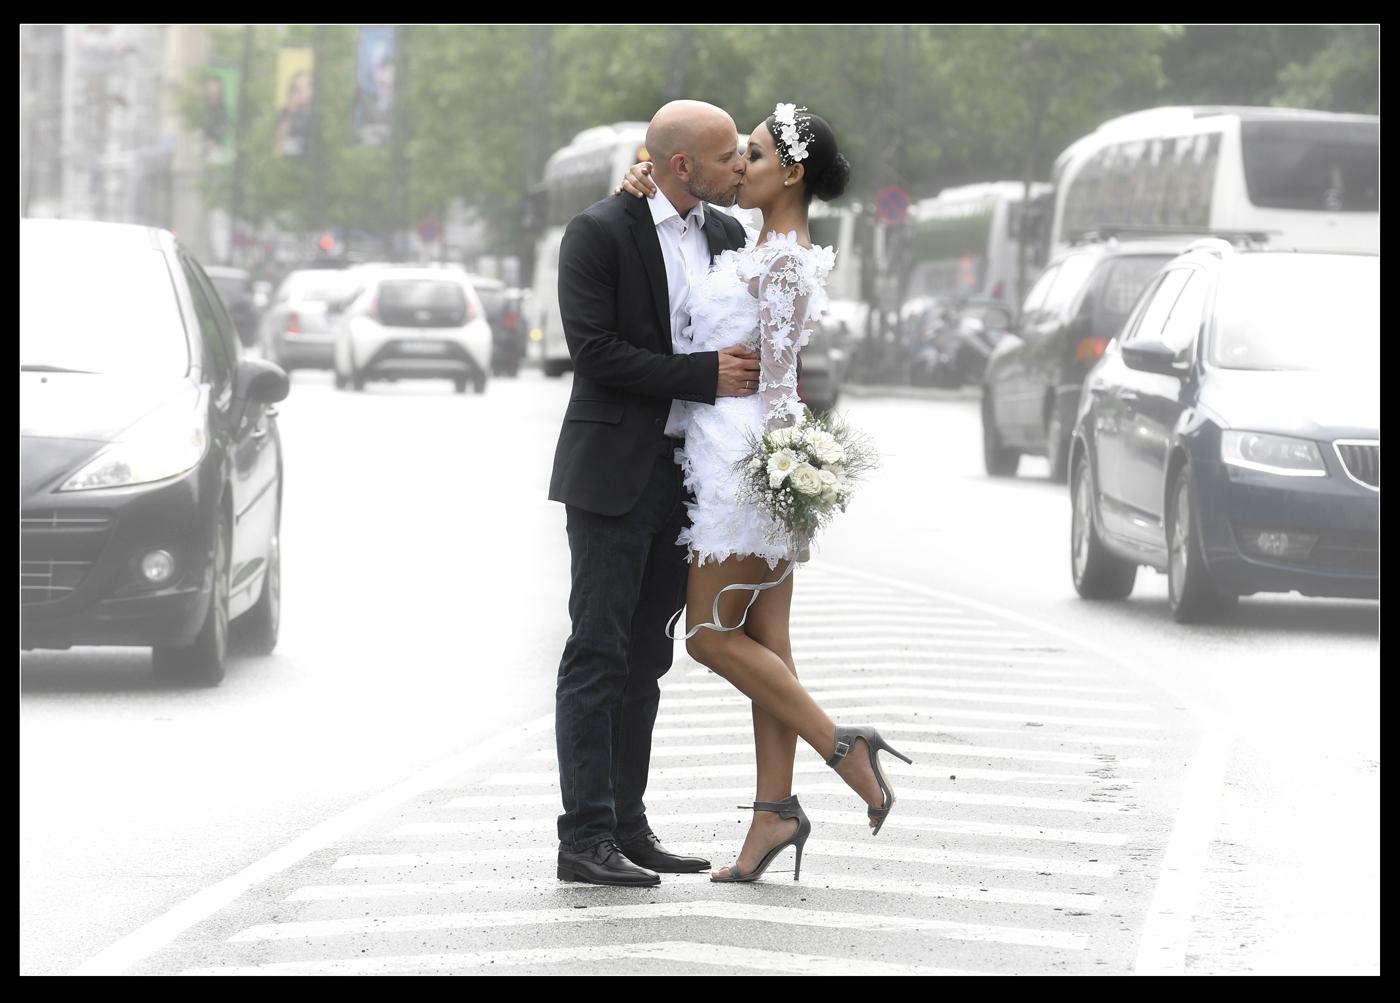 Dette brudepar var netop blevet gift på Københavns Rådhus og fik lige et par ekstra spændende billeder på den meget trafikerede H.C. Andersens Boulevard- fotograferet af bryllupsfotograf Peter Dahlerup